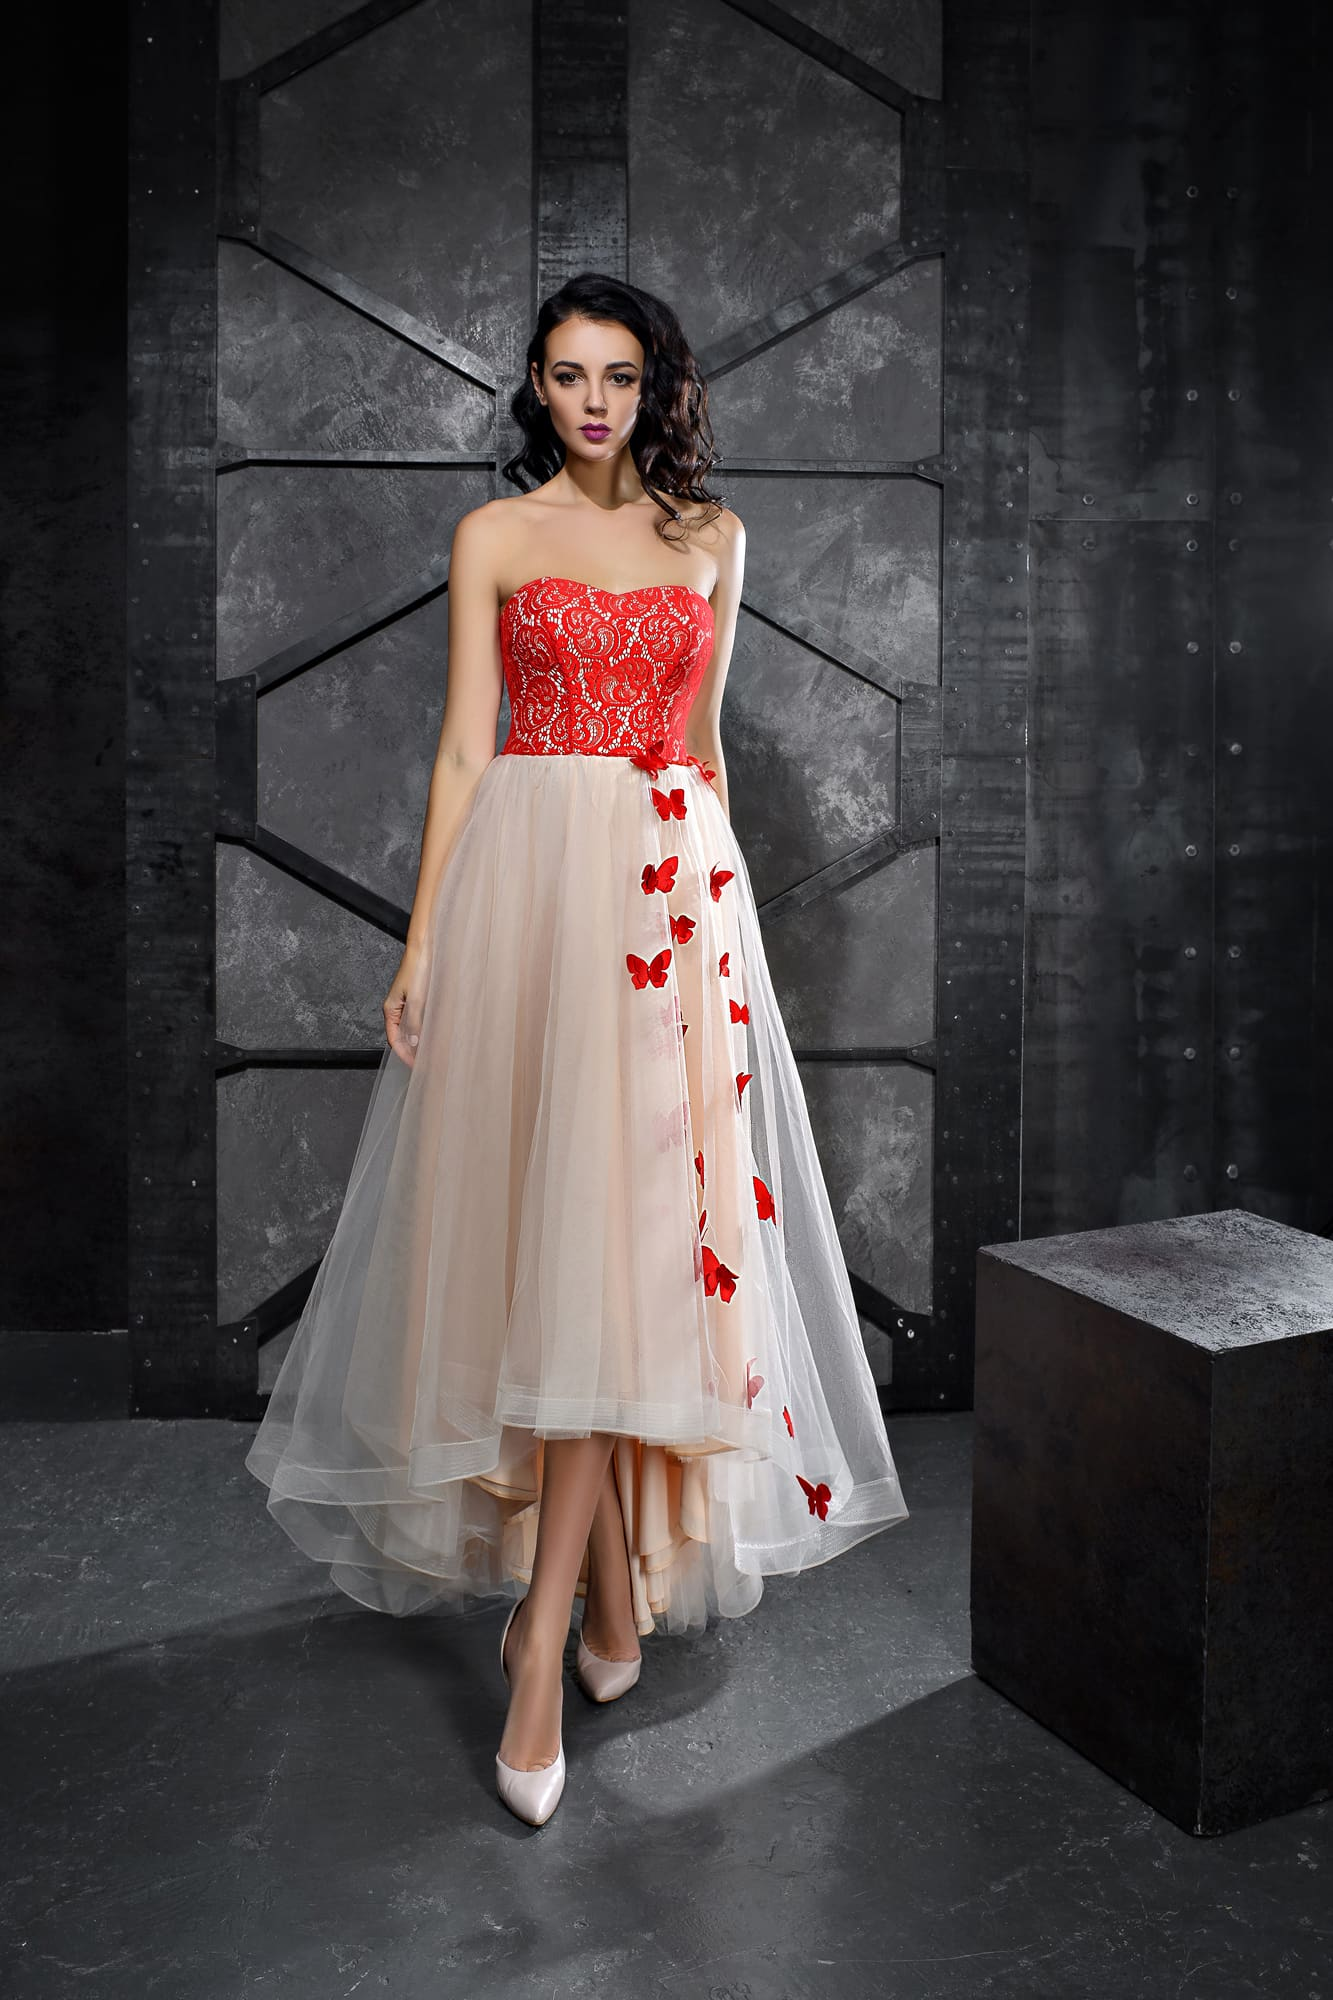 ac07d54d05f Открытое вечернее платье с алым корсетом и укороченным спереди подолом.